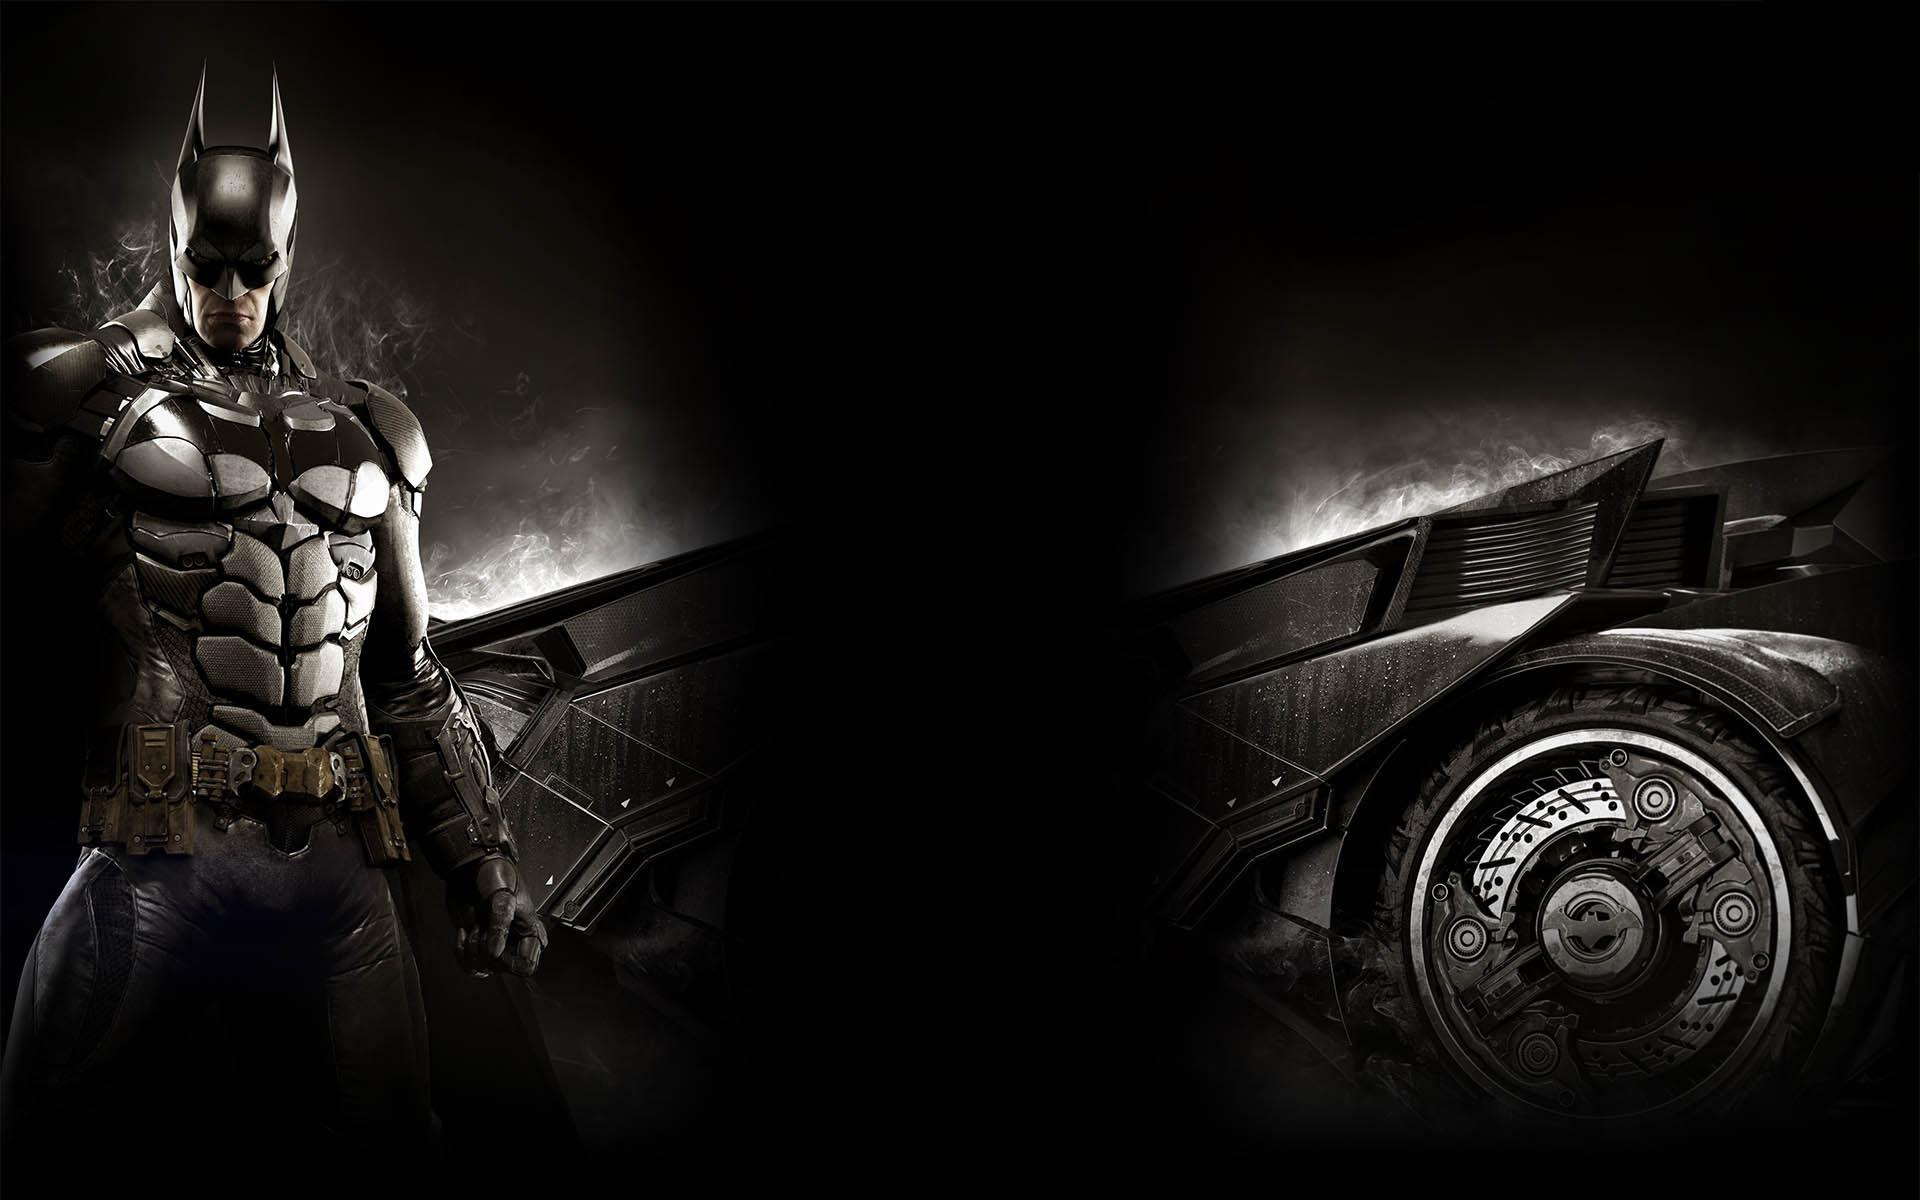 Ограниченный выпуск Бэтмена Arkham рыцарь. обои скачать